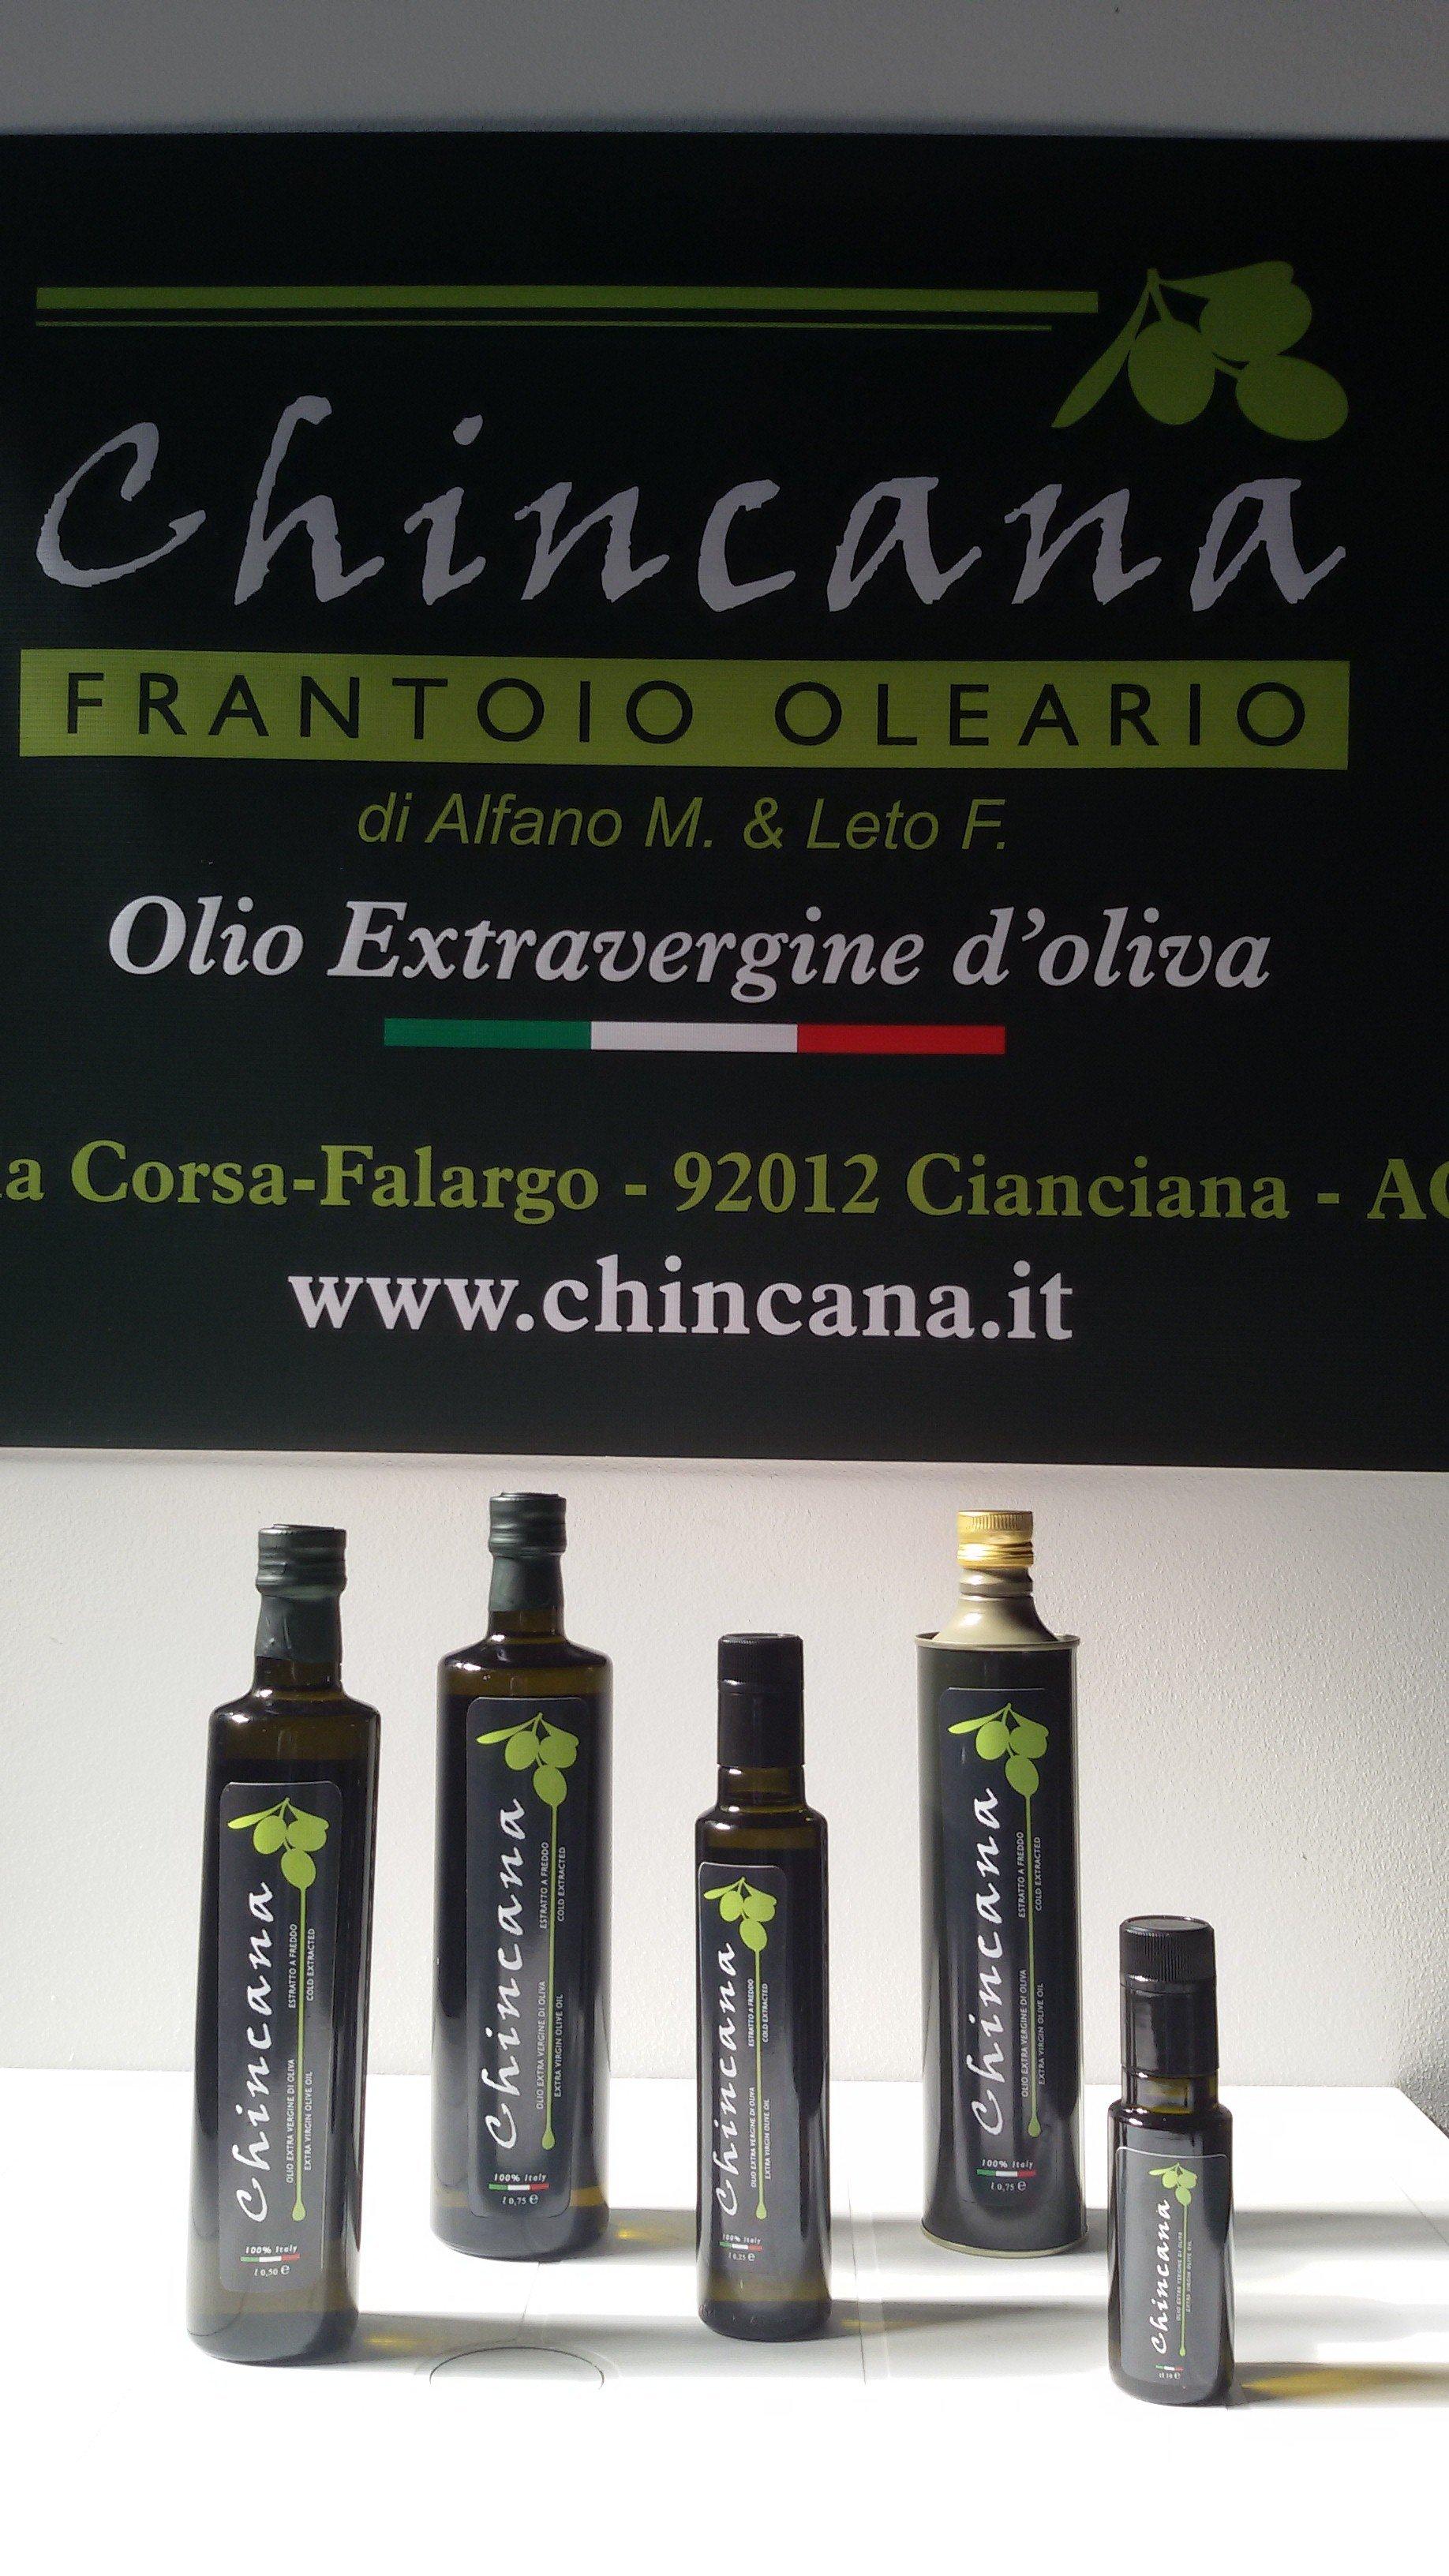 Prodotti Oleificio Frantoio Chincana - Olio Extravergine a Cianciana